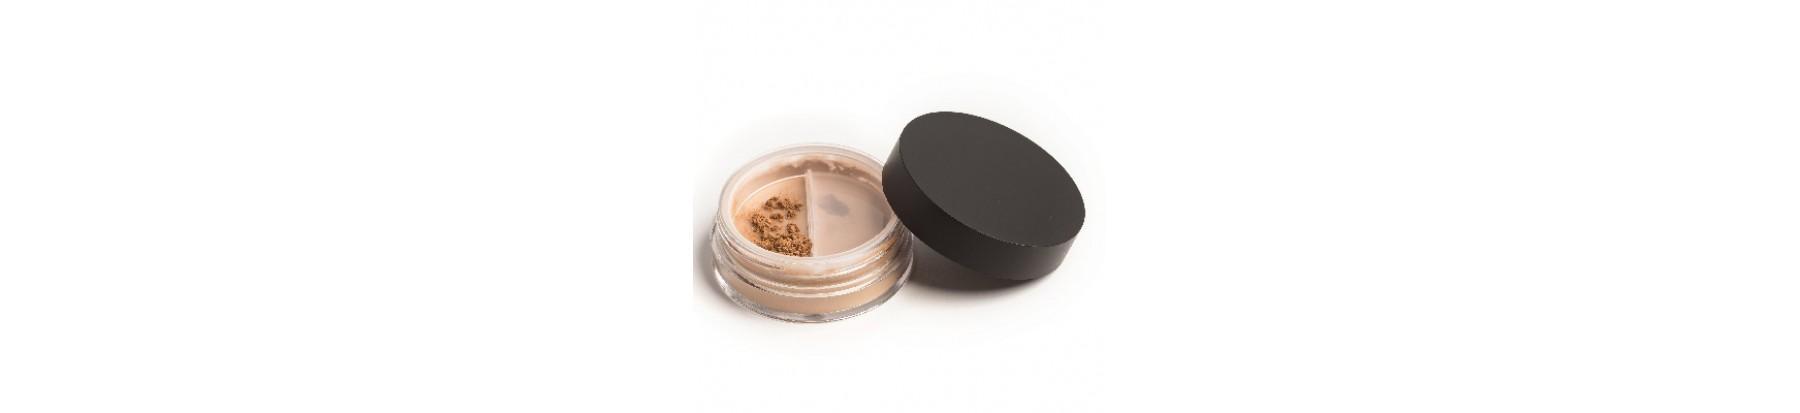 Минеральные румяна Face Value Cosmetics в интернет-магазине MineralMix